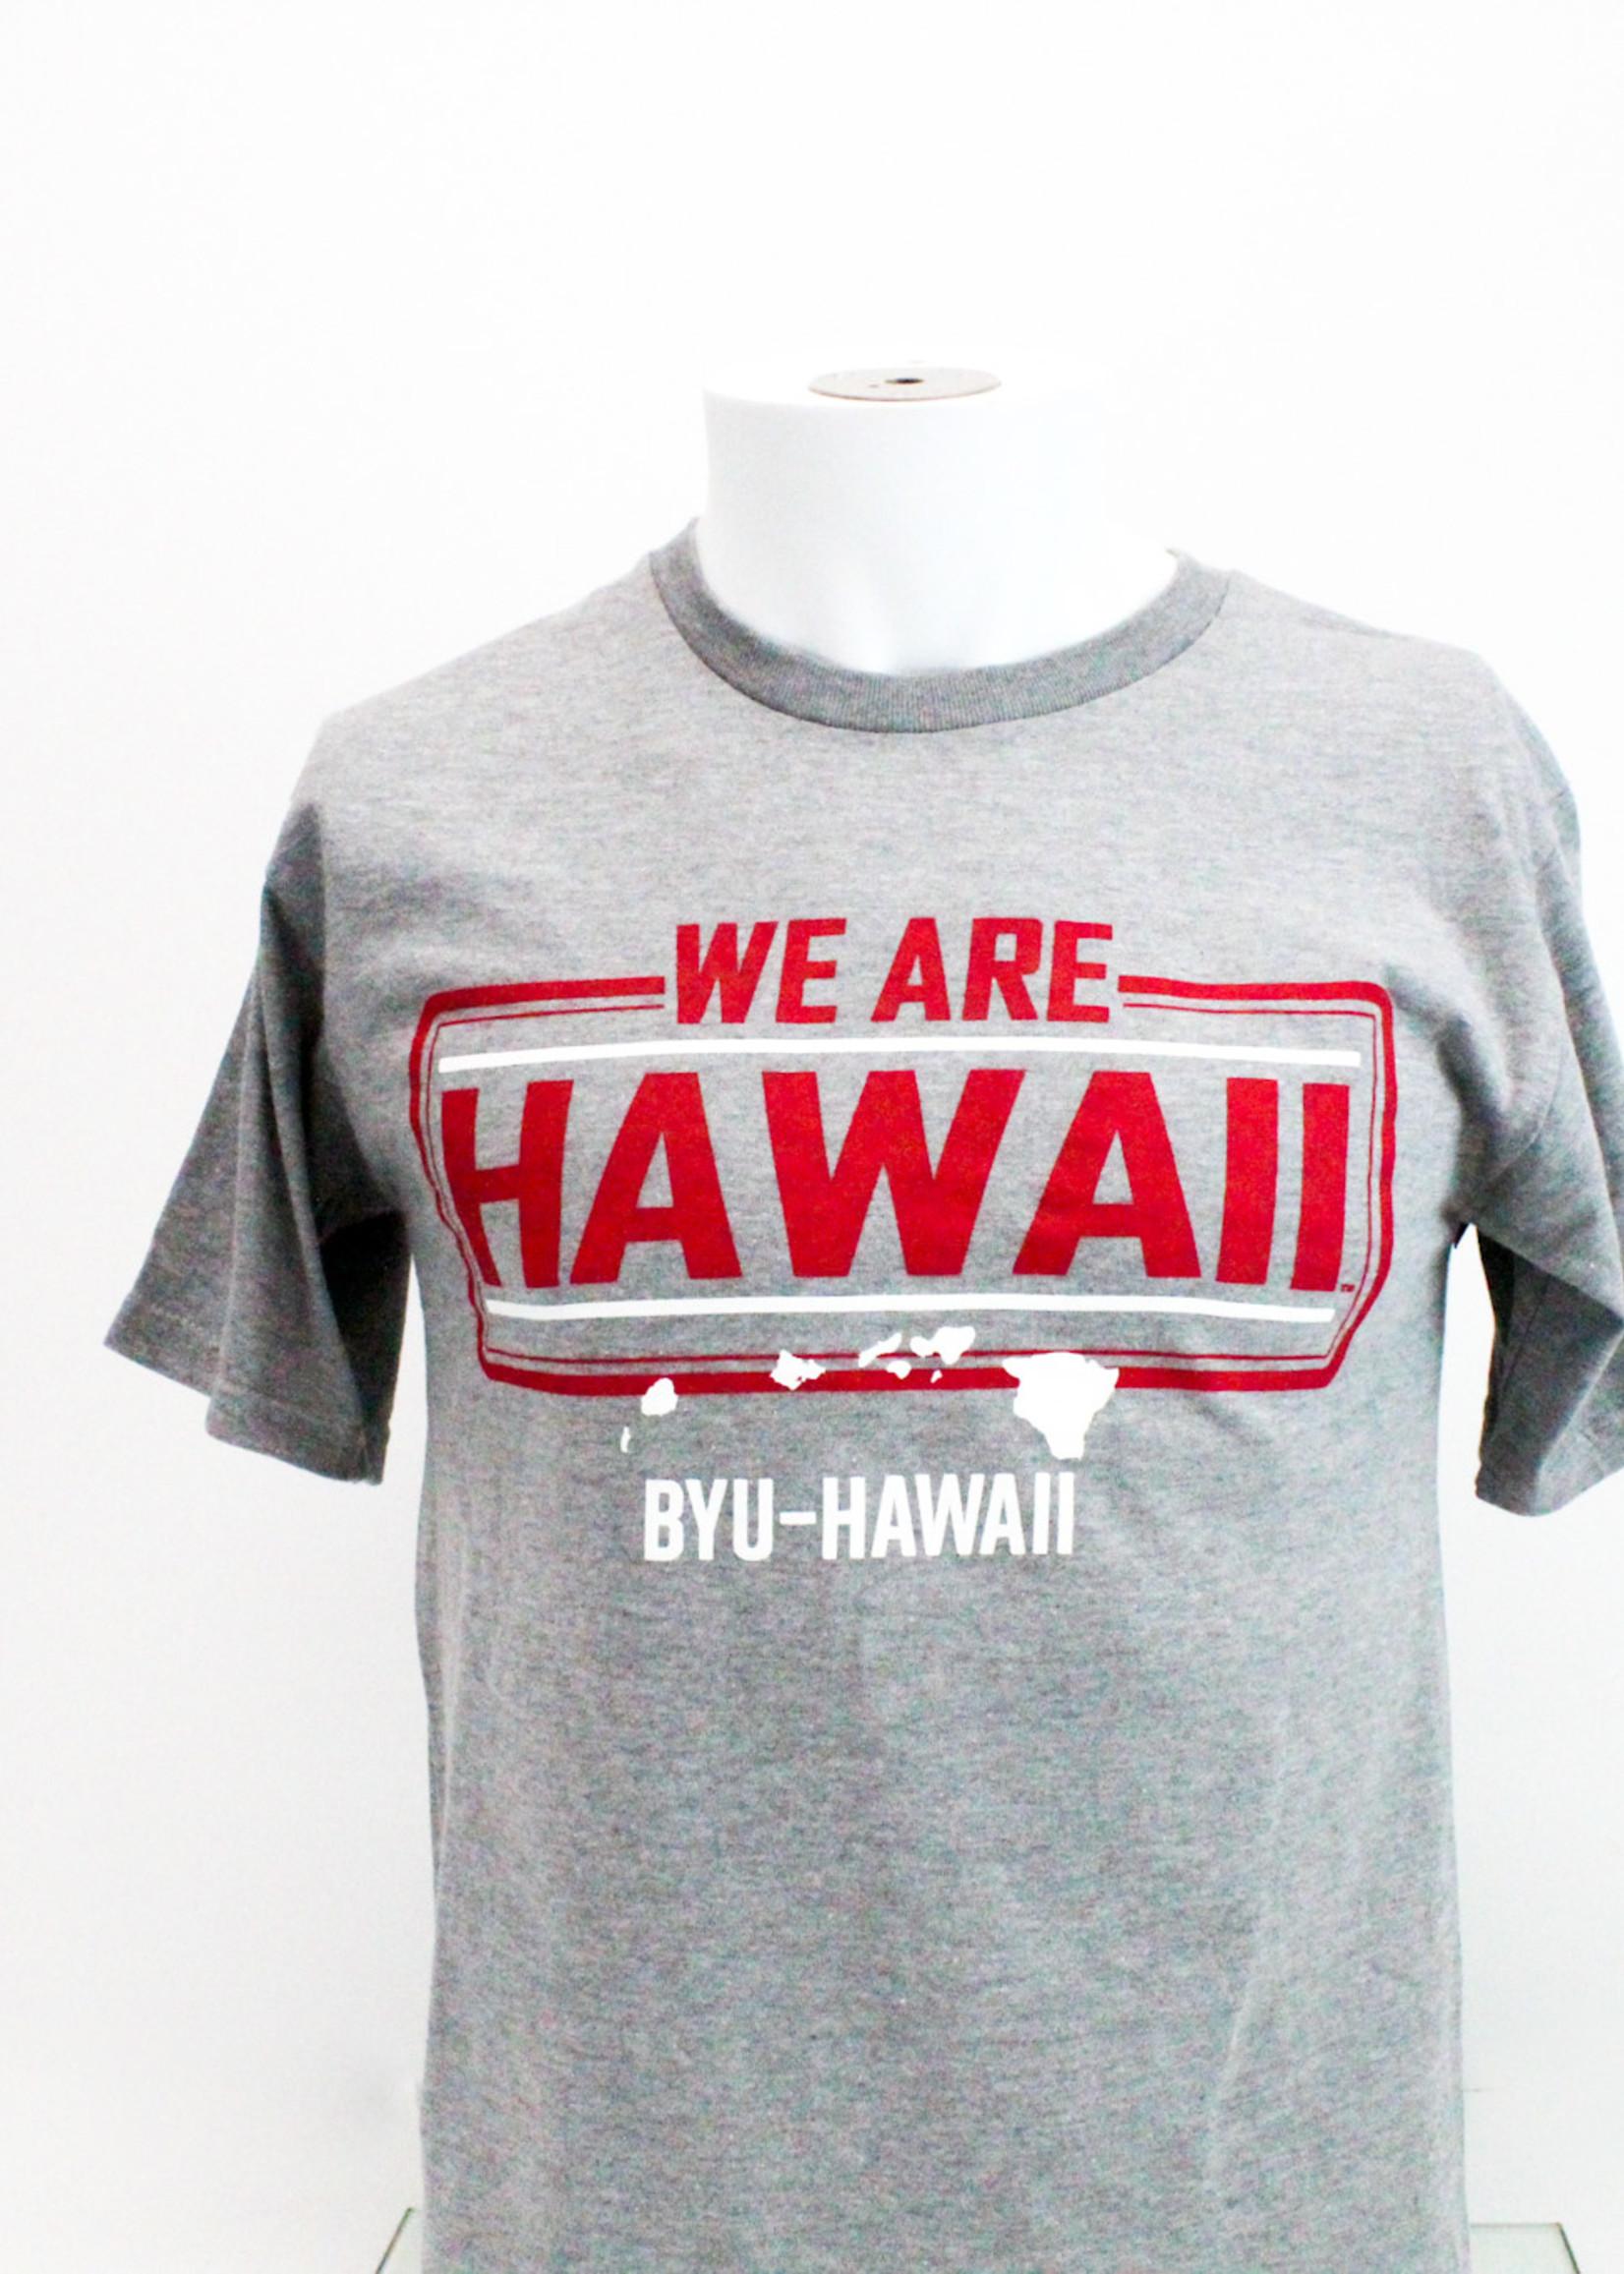 We are Hawaii Tee